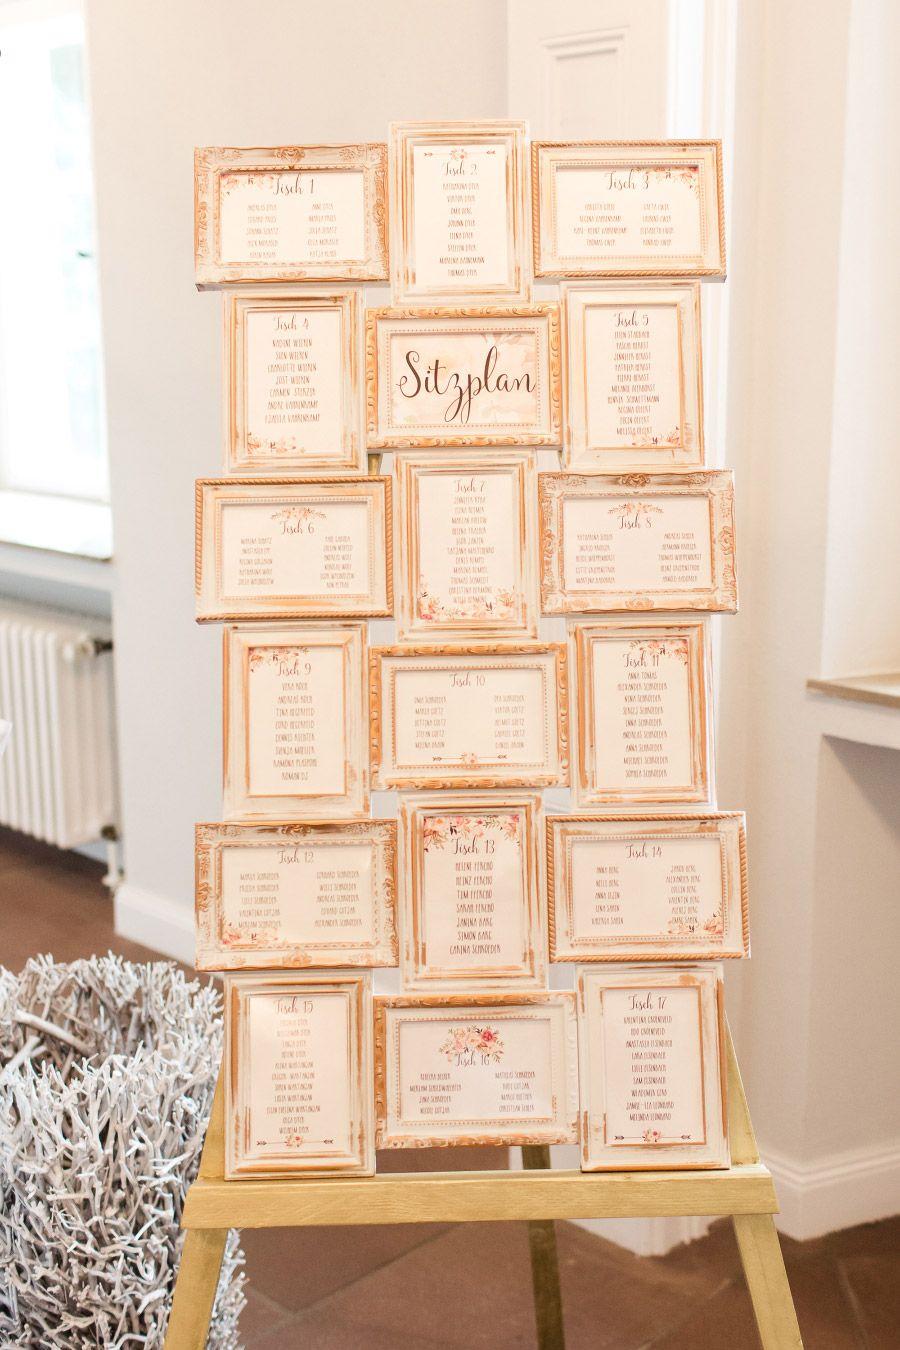 Sitzplan zur Hochzeit, zusammengestellt mit vielen verschiedenen ...